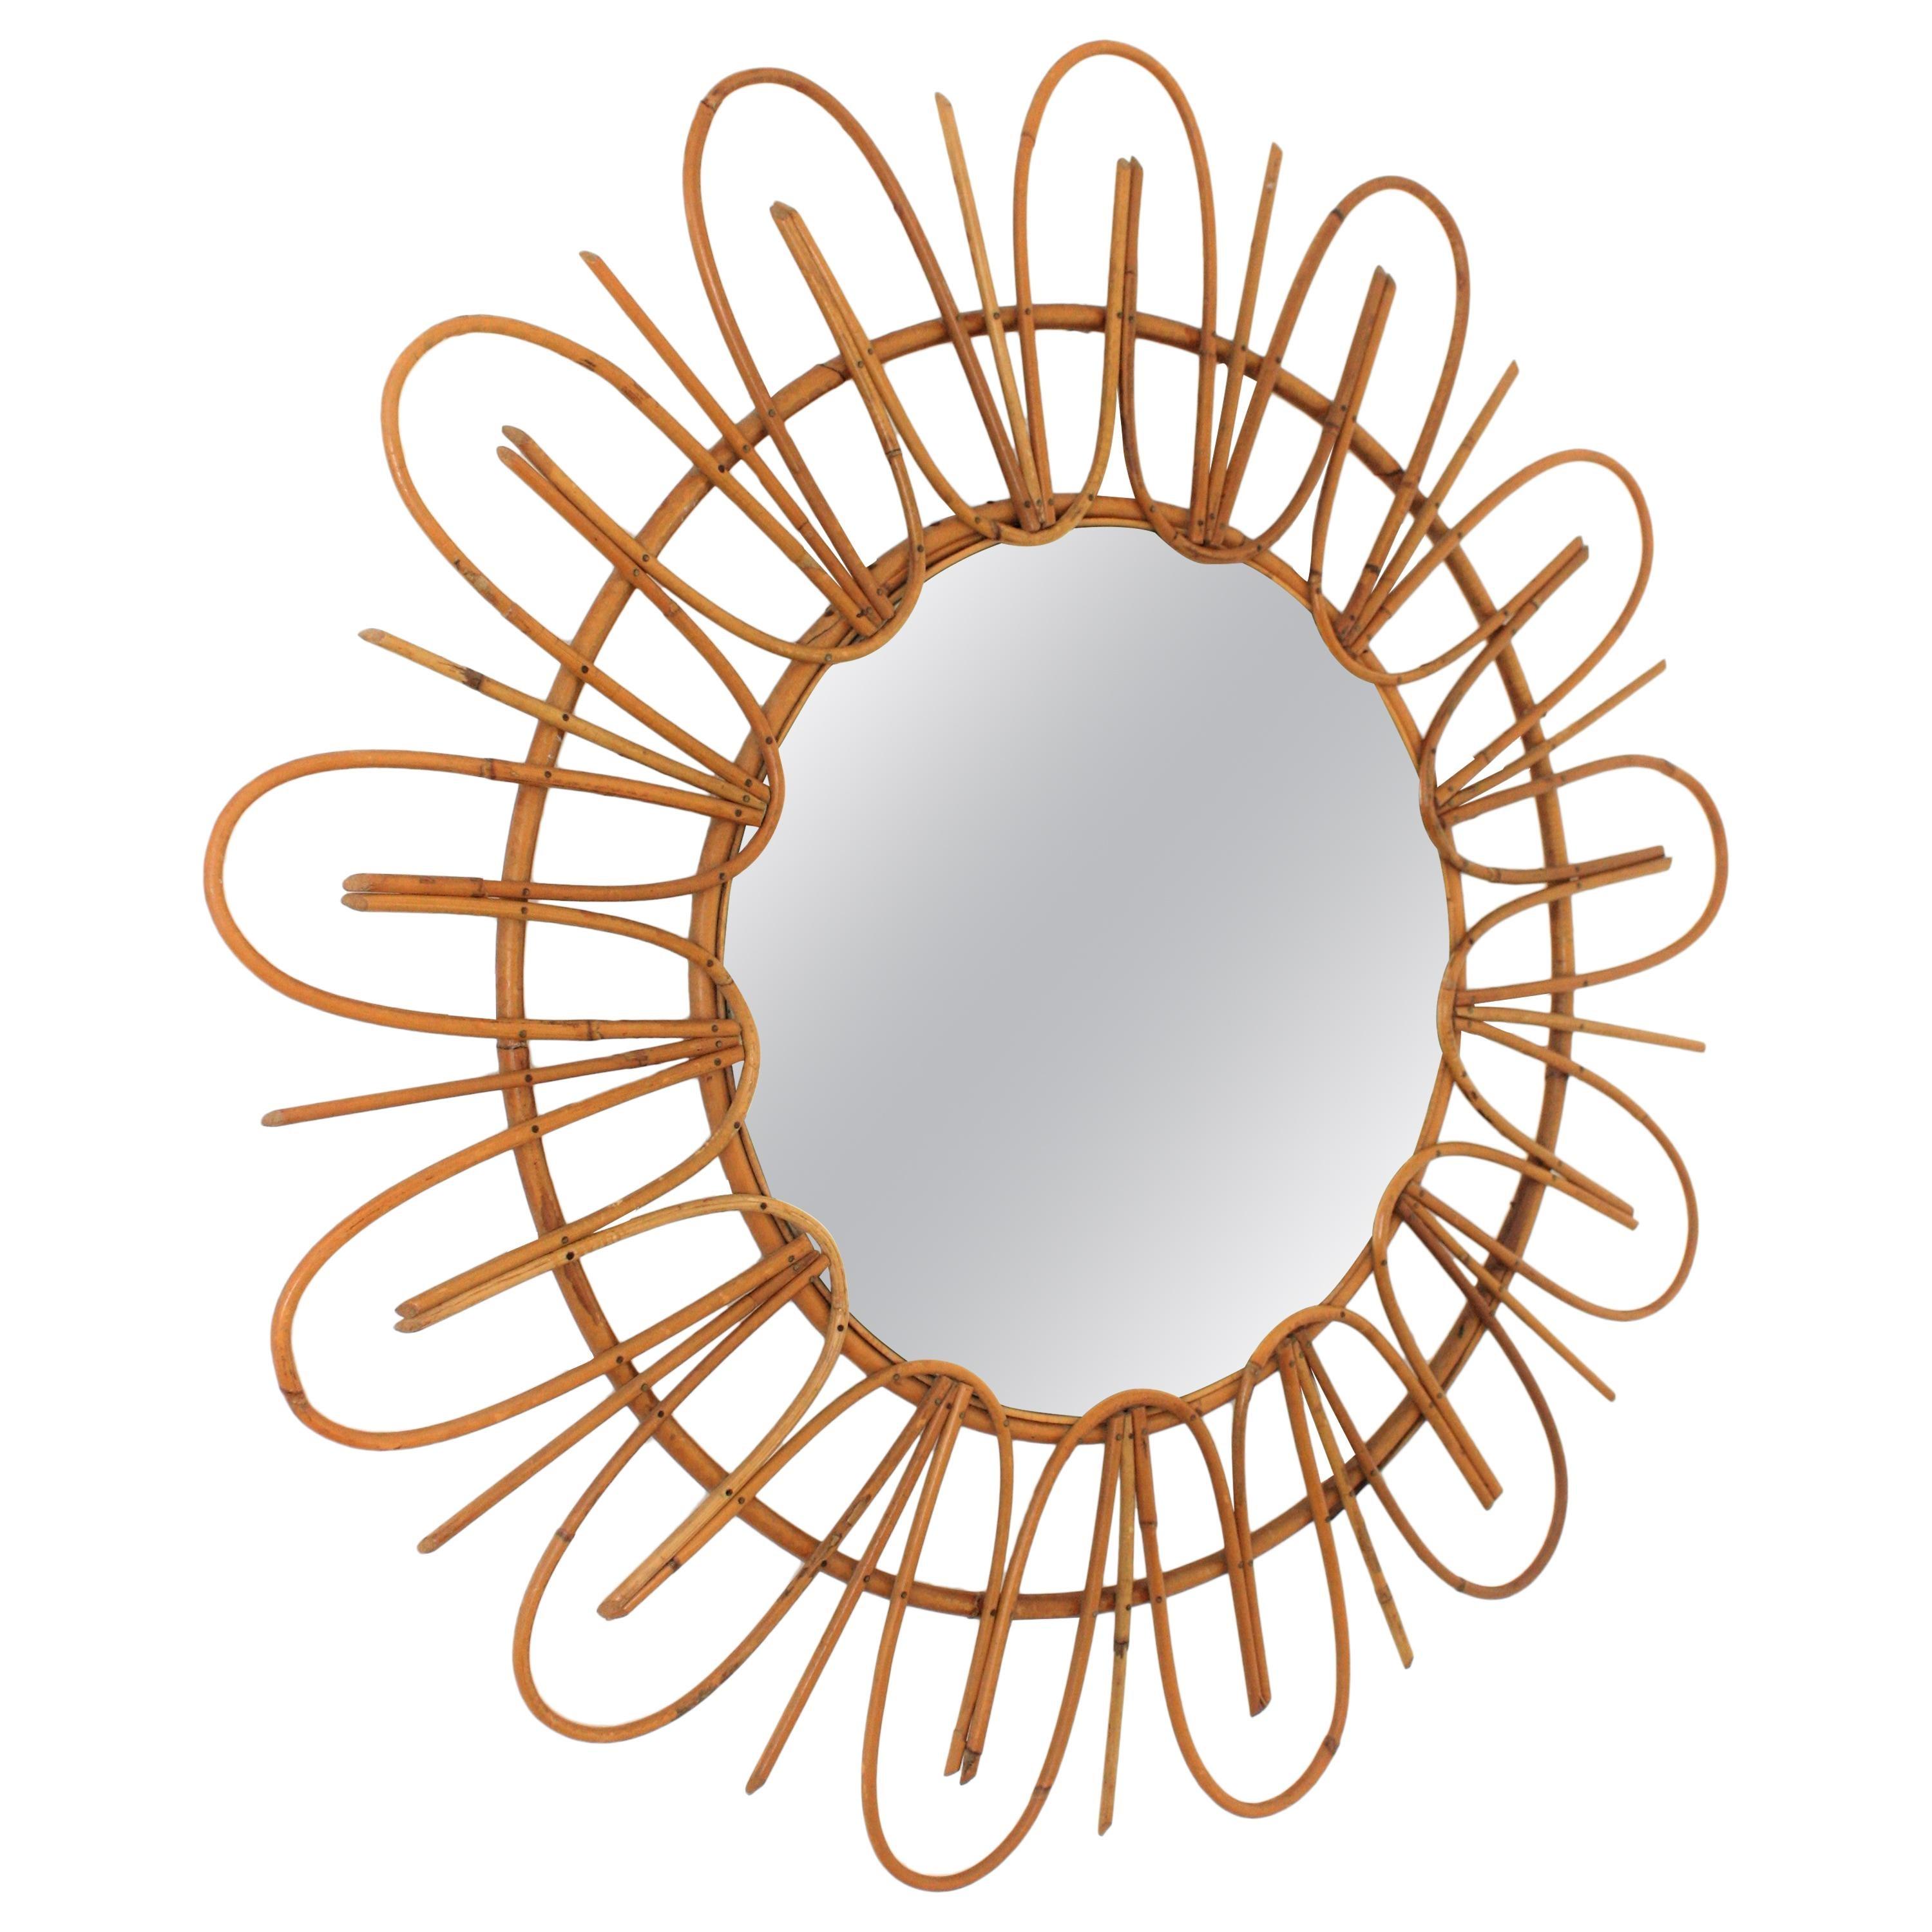 Modernist Rattan Sunburst Flower Shaped Mirror , French Riviera